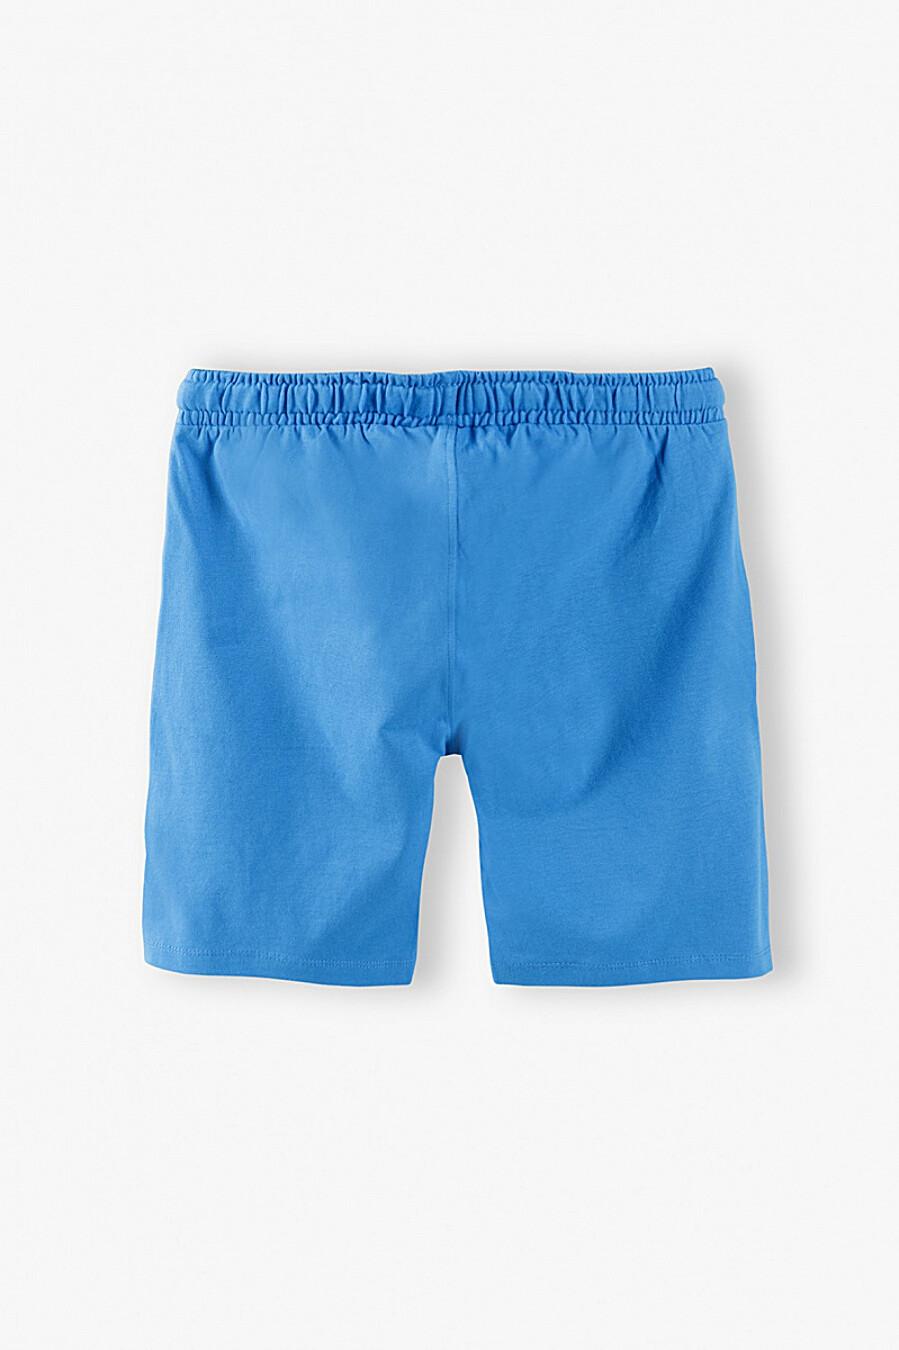 Шорты для мальчиков 5.10.15 668582 купить оптом от производителя. Совместная покупка детской одежды в OptMoyo